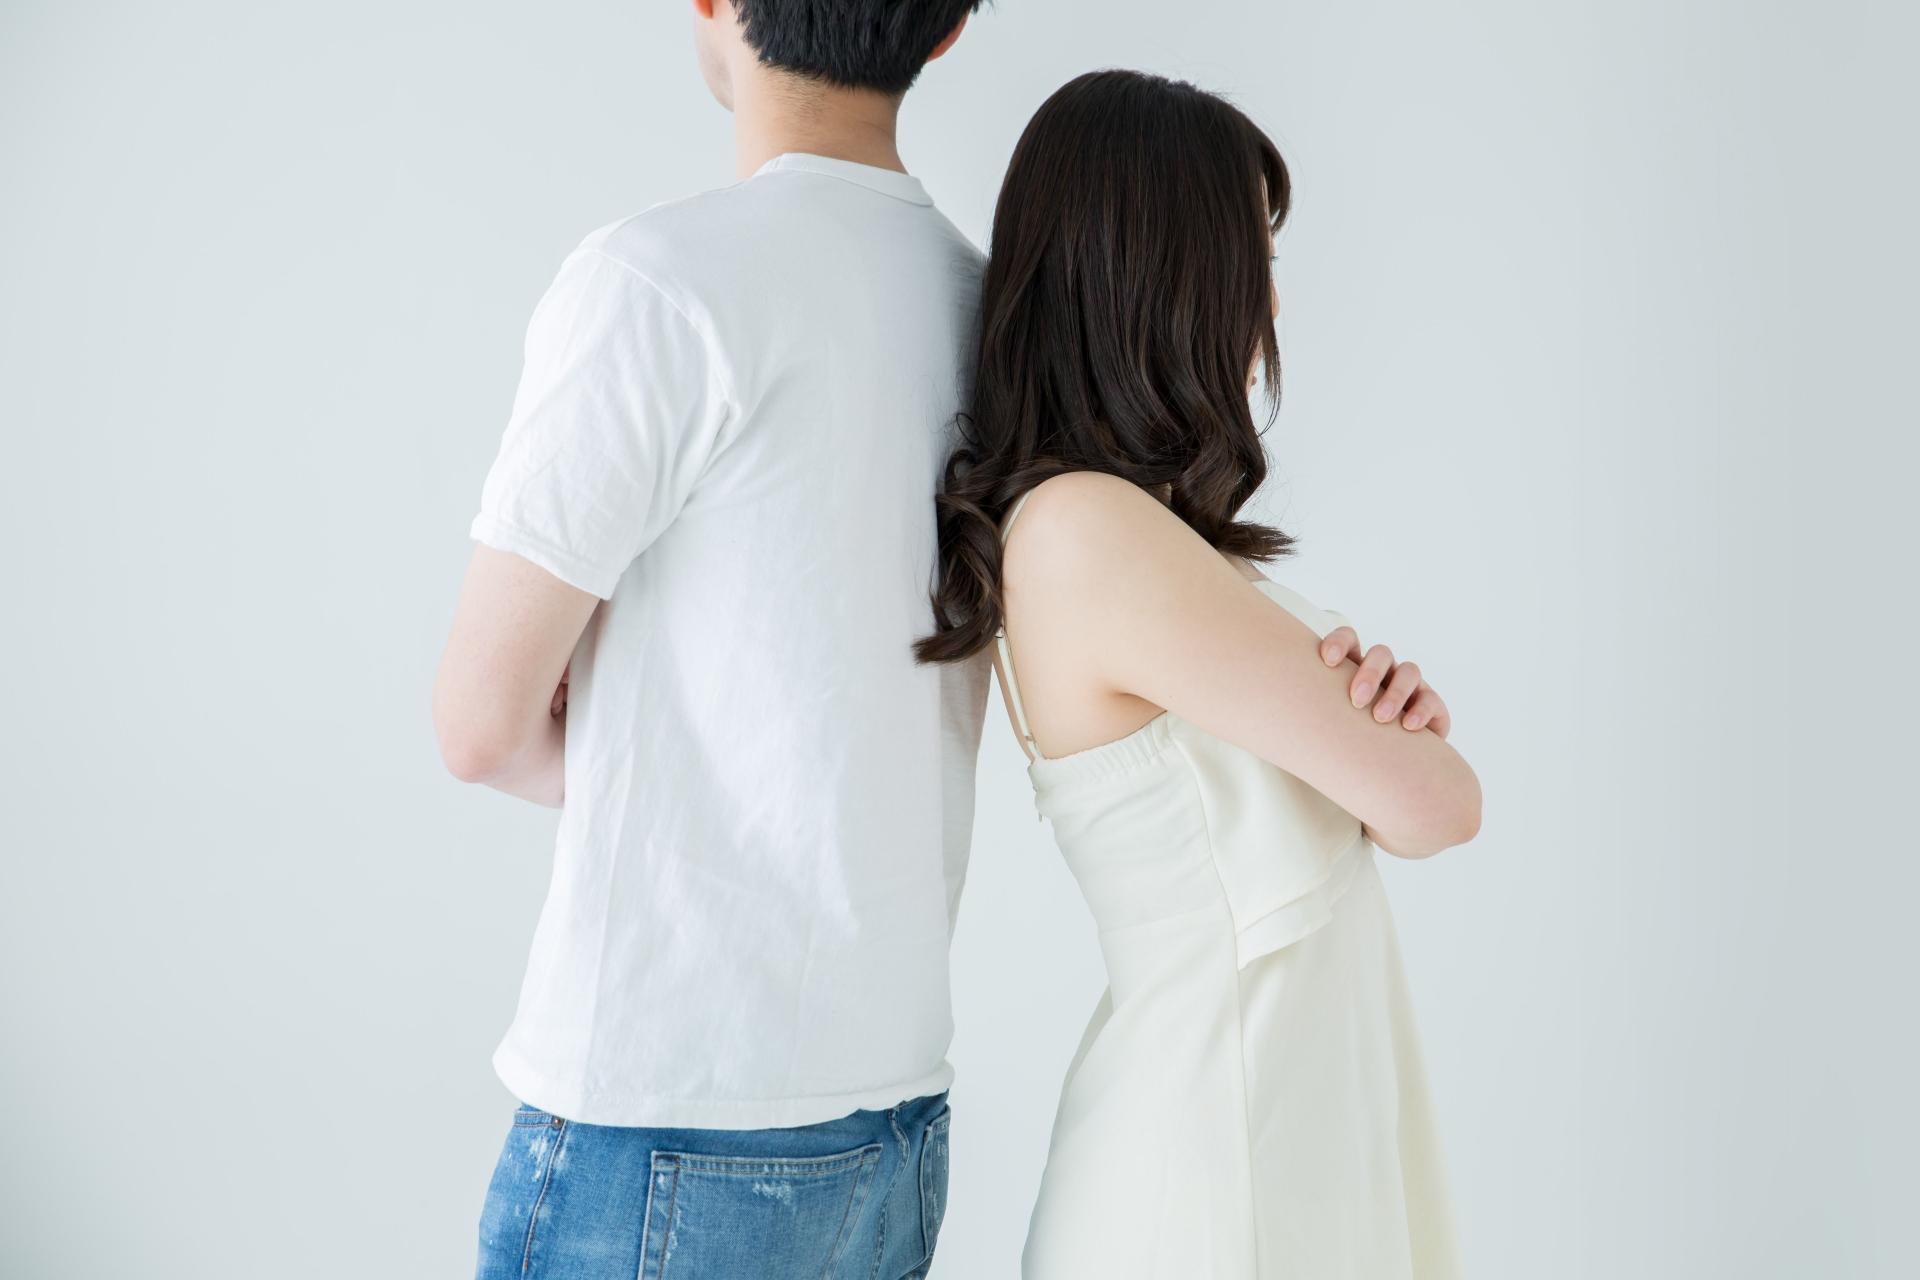 【どうすればいい!?】恋人や異性から依存されてしまった時の対処法